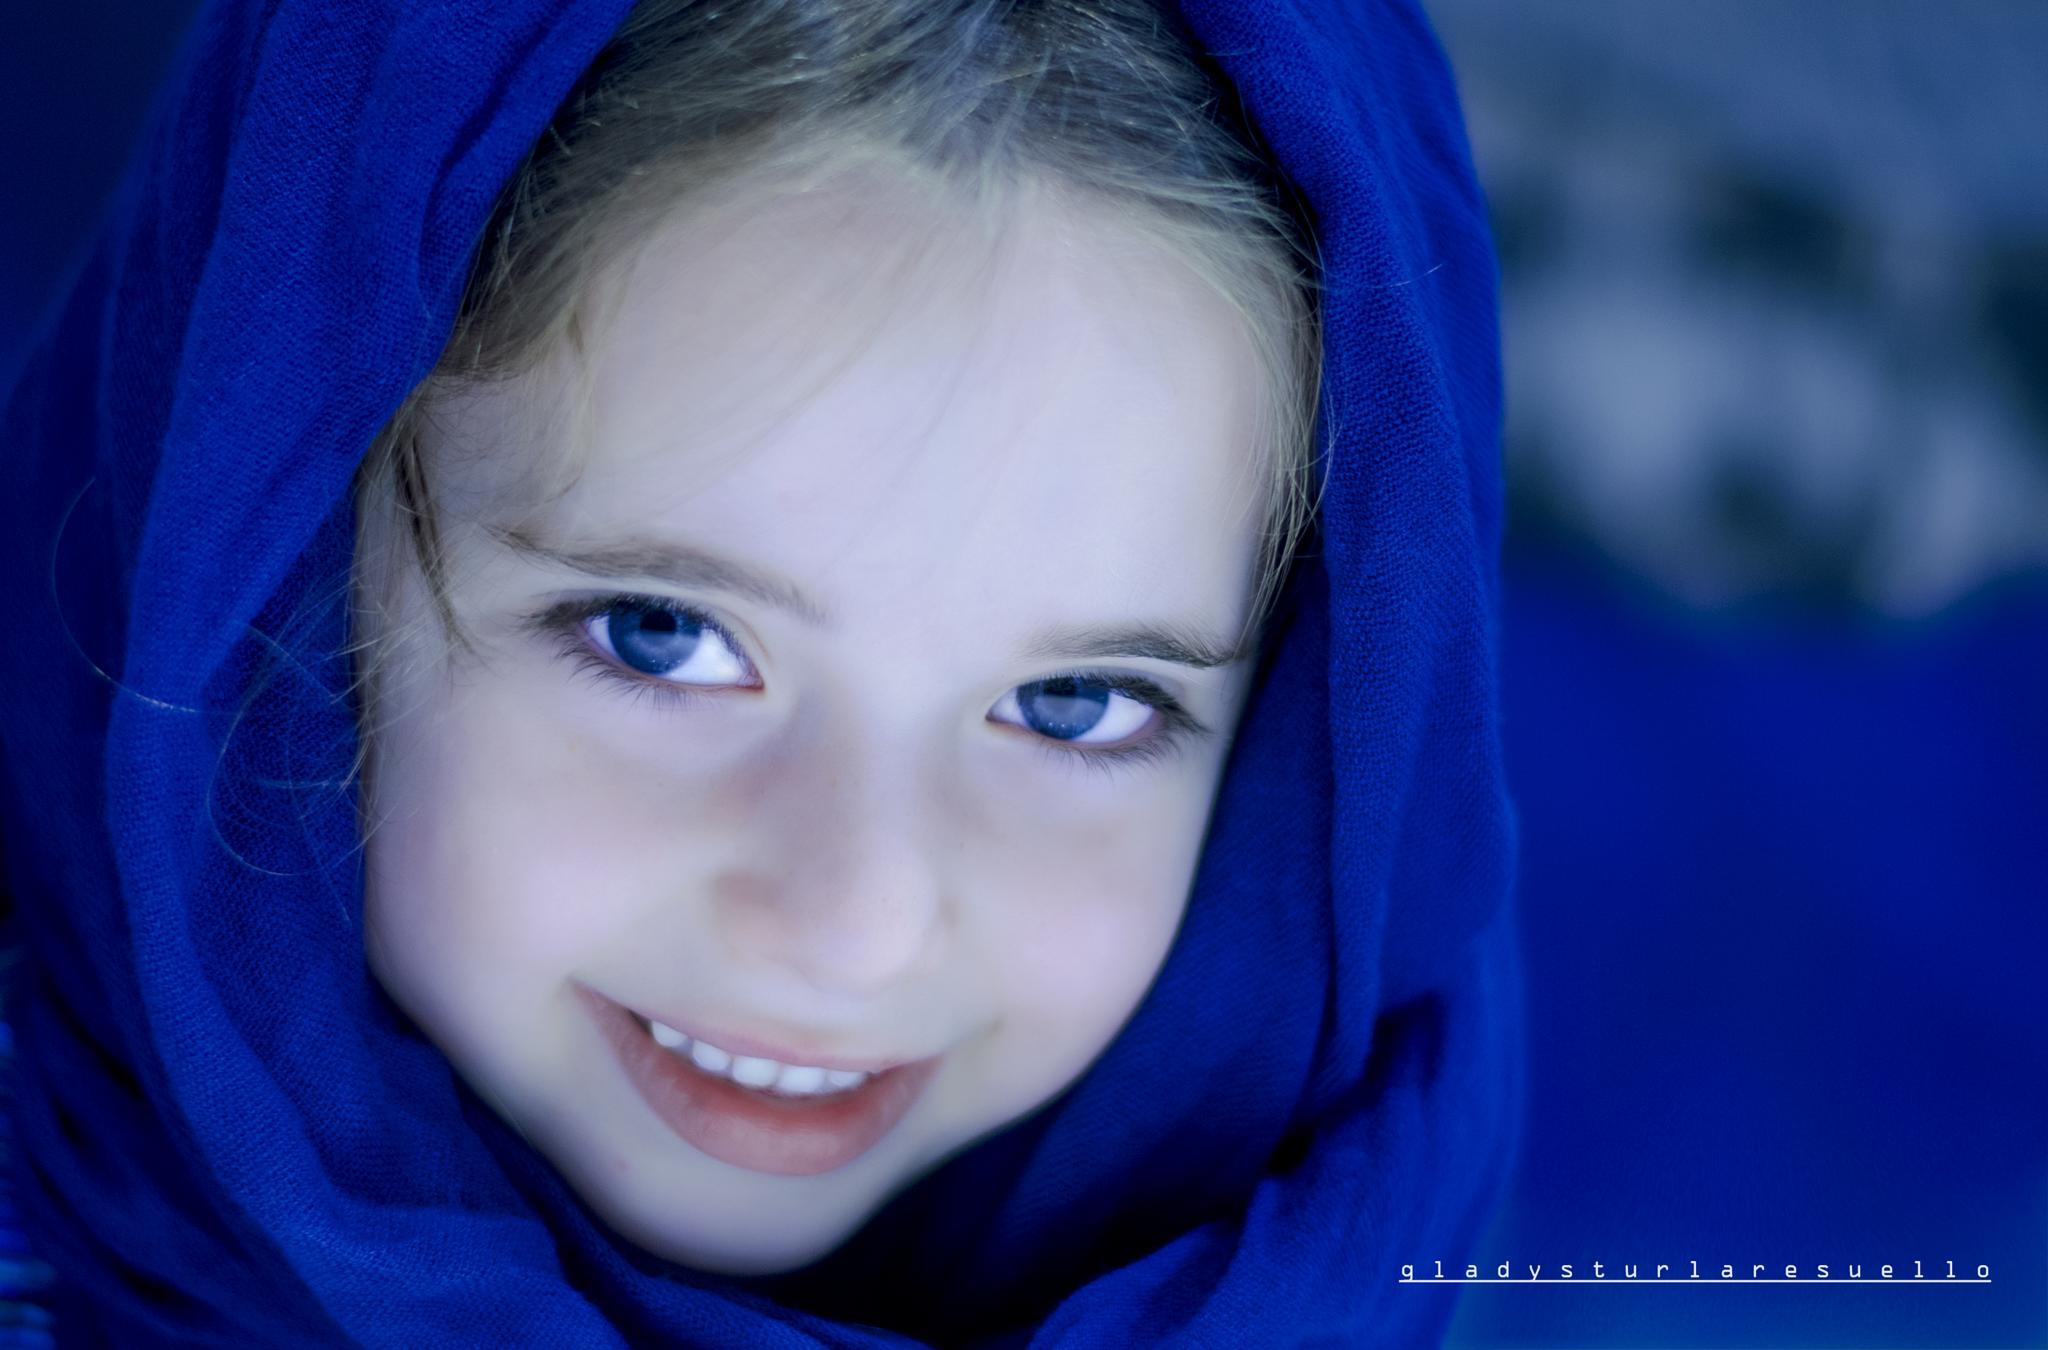 Little Ms. Blue by tresuellogladz